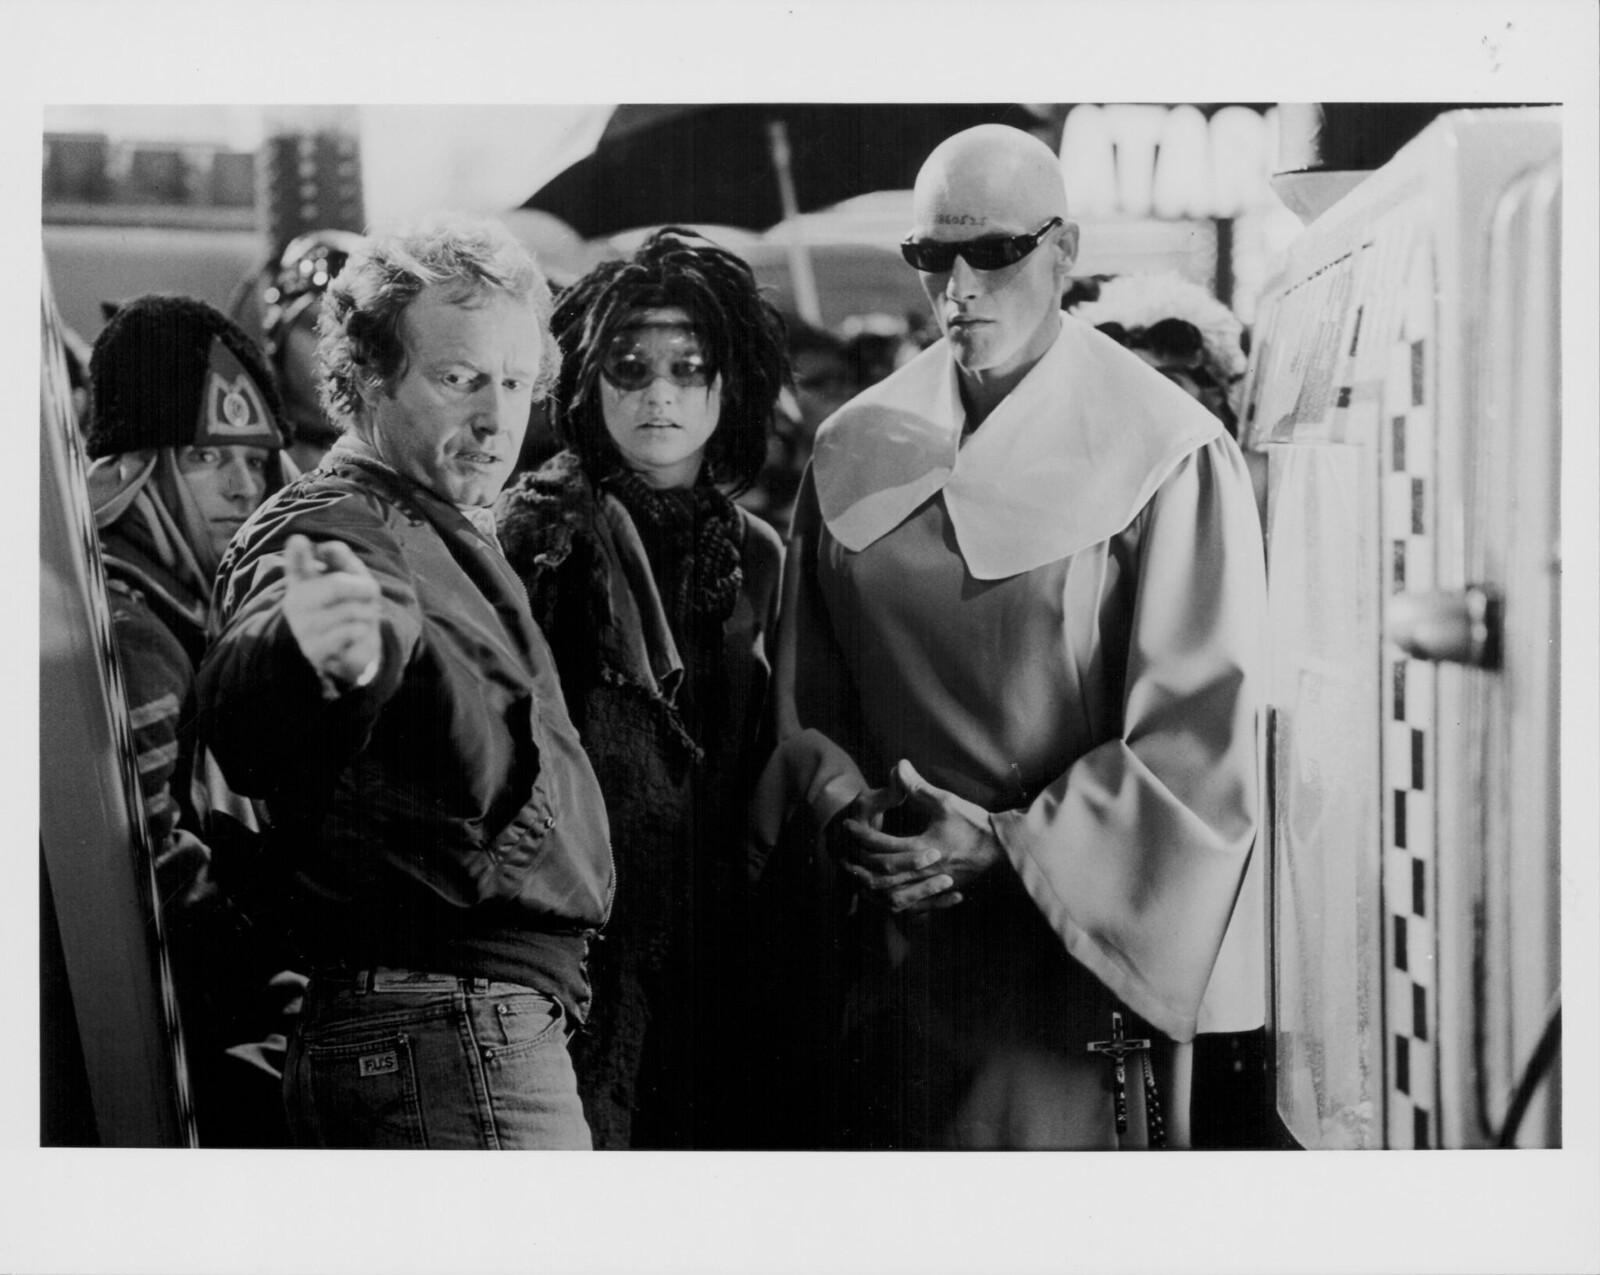 Режиссер Ридли Скотт с актерами второго плана в костюмах на съемках фильма «Бегущий по лезвию»